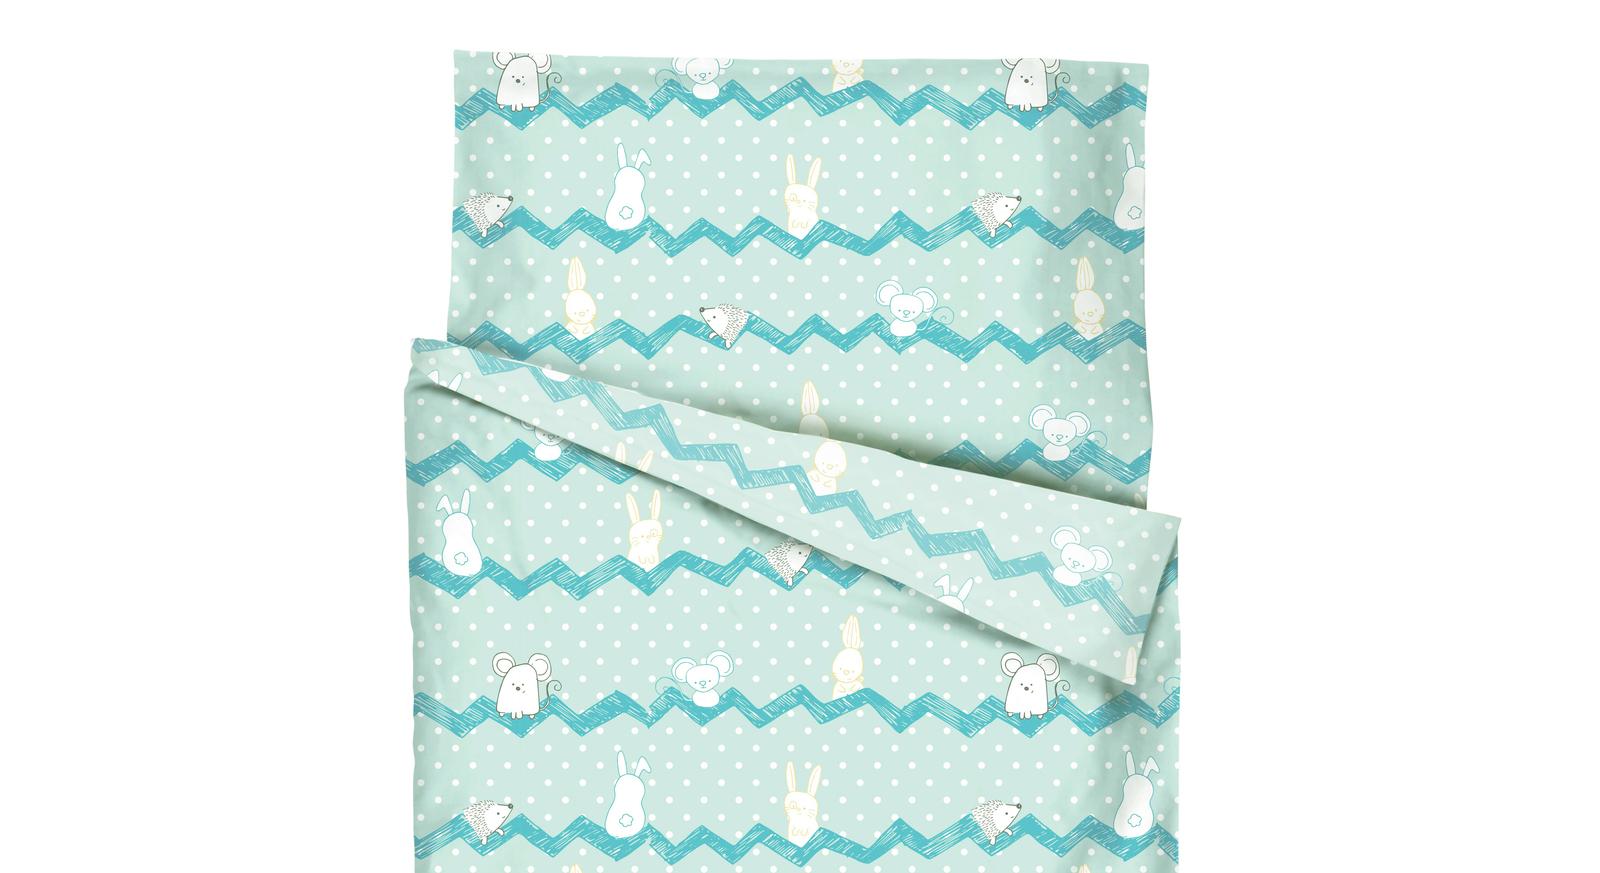 Renforcé-Bettwäsche Maus & Hase mit Knöpfen aus Kunststoff